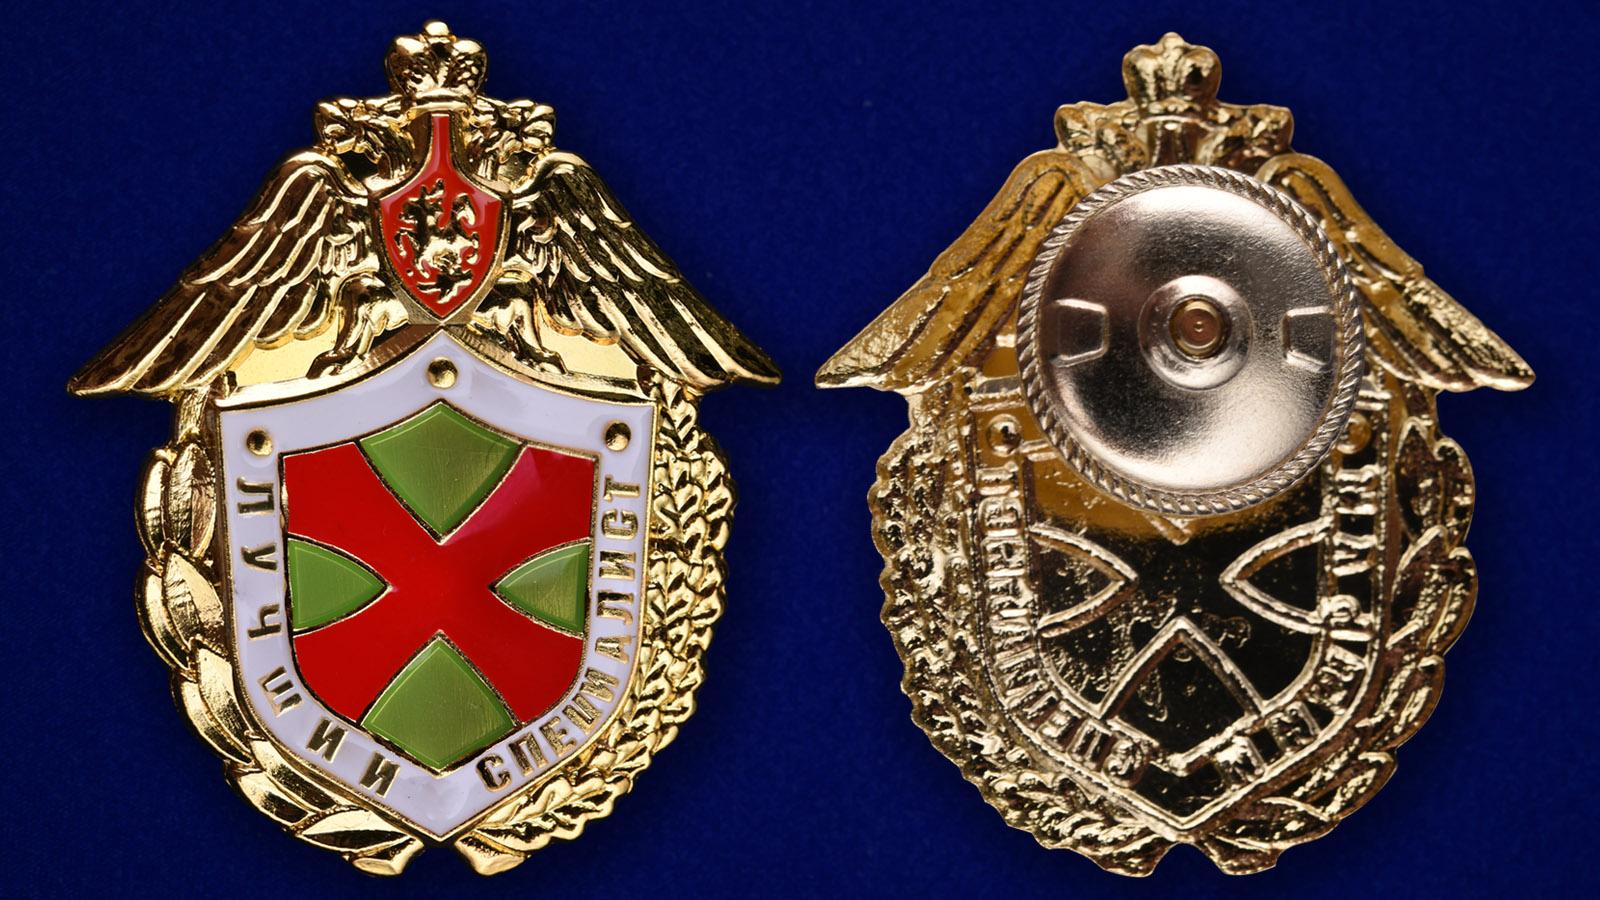 Знак ФПС РФ Лучший специалист в бархатном футляре - Аверс и реверс